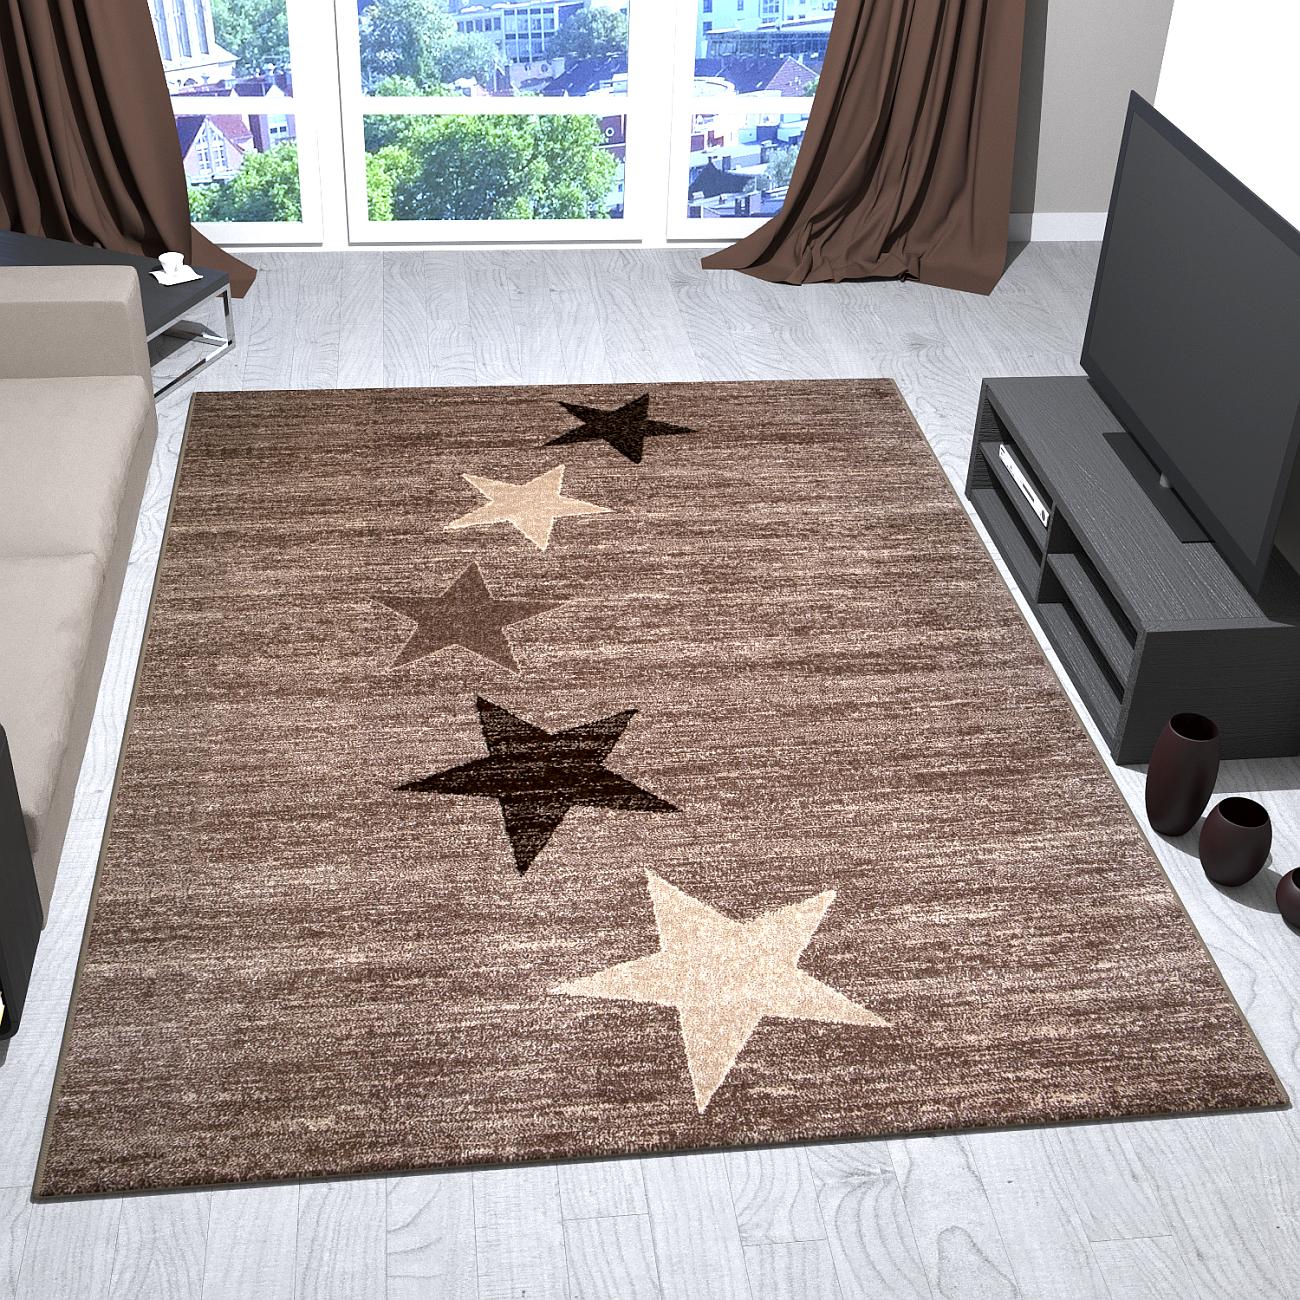 Teppich Rund Braun Beige : teppich modern design braun beige kurzflor sternenmuster jugendstil trend ebay ~ Bigdaddyawards.com Haus und Dekorationen